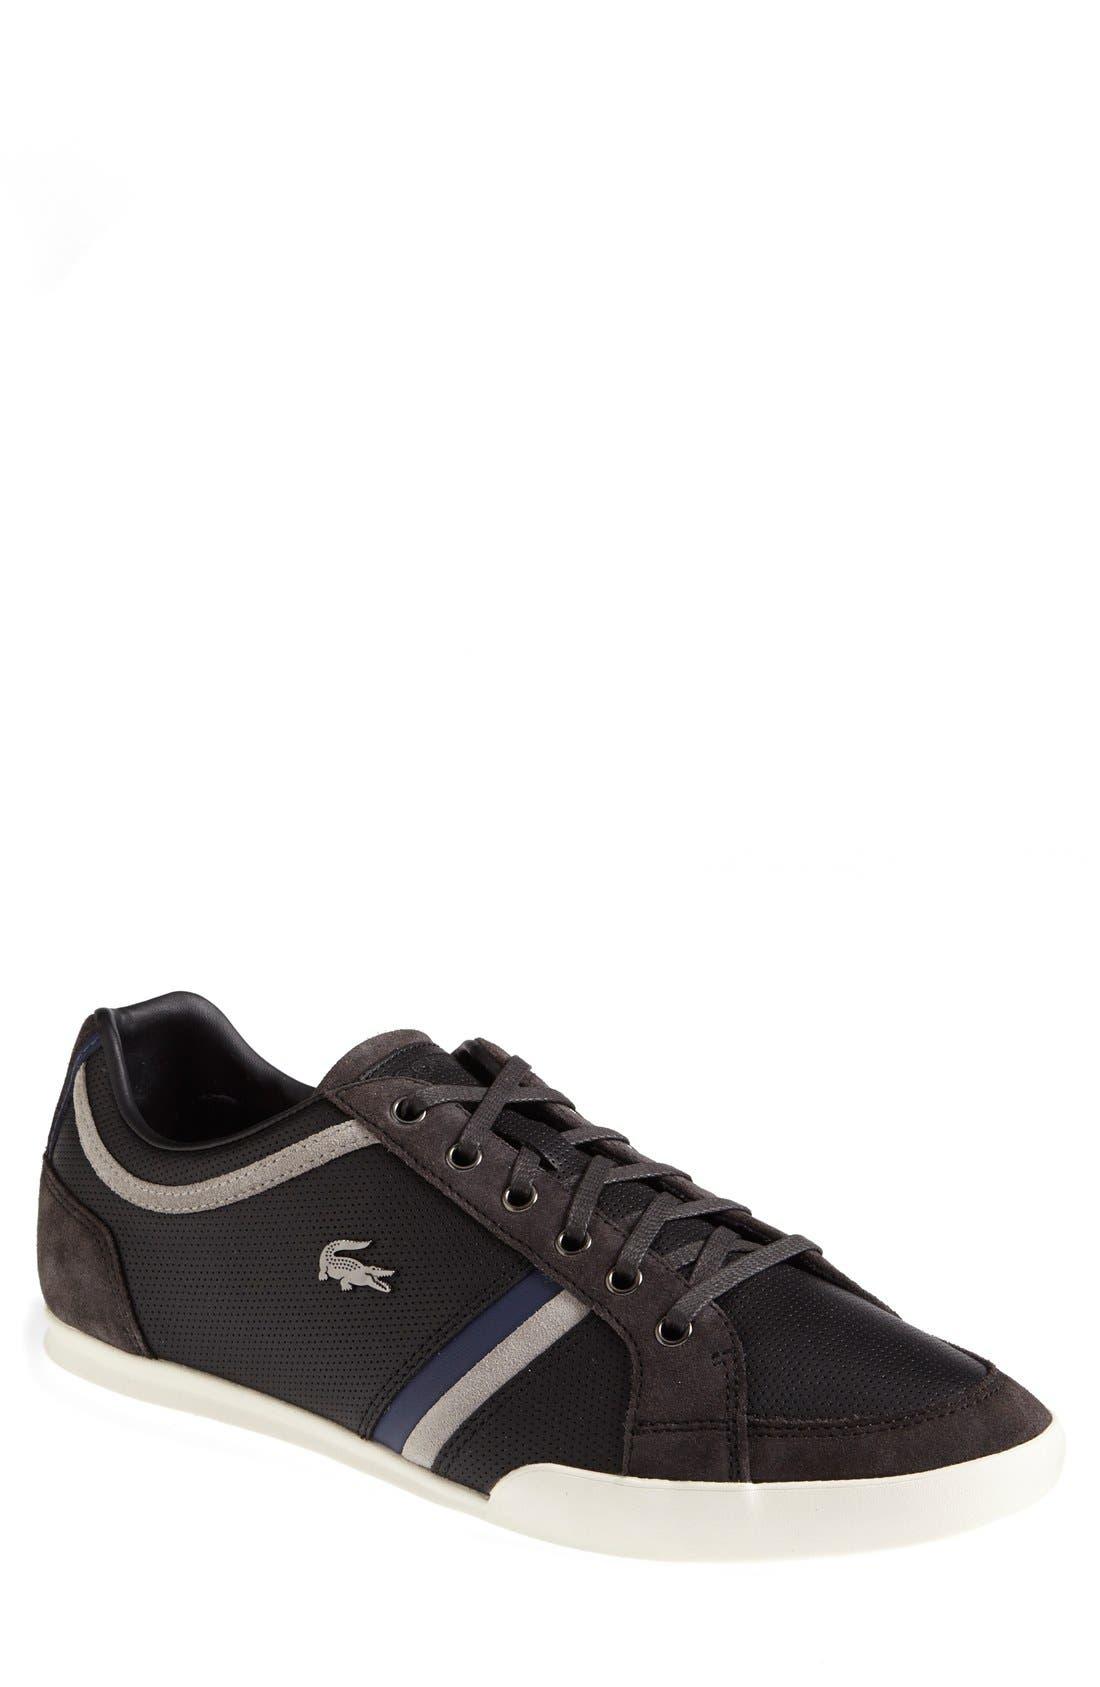 Alternate Image 1 Selected - Lacoste 'Rayford 6' Sneaker (Men)